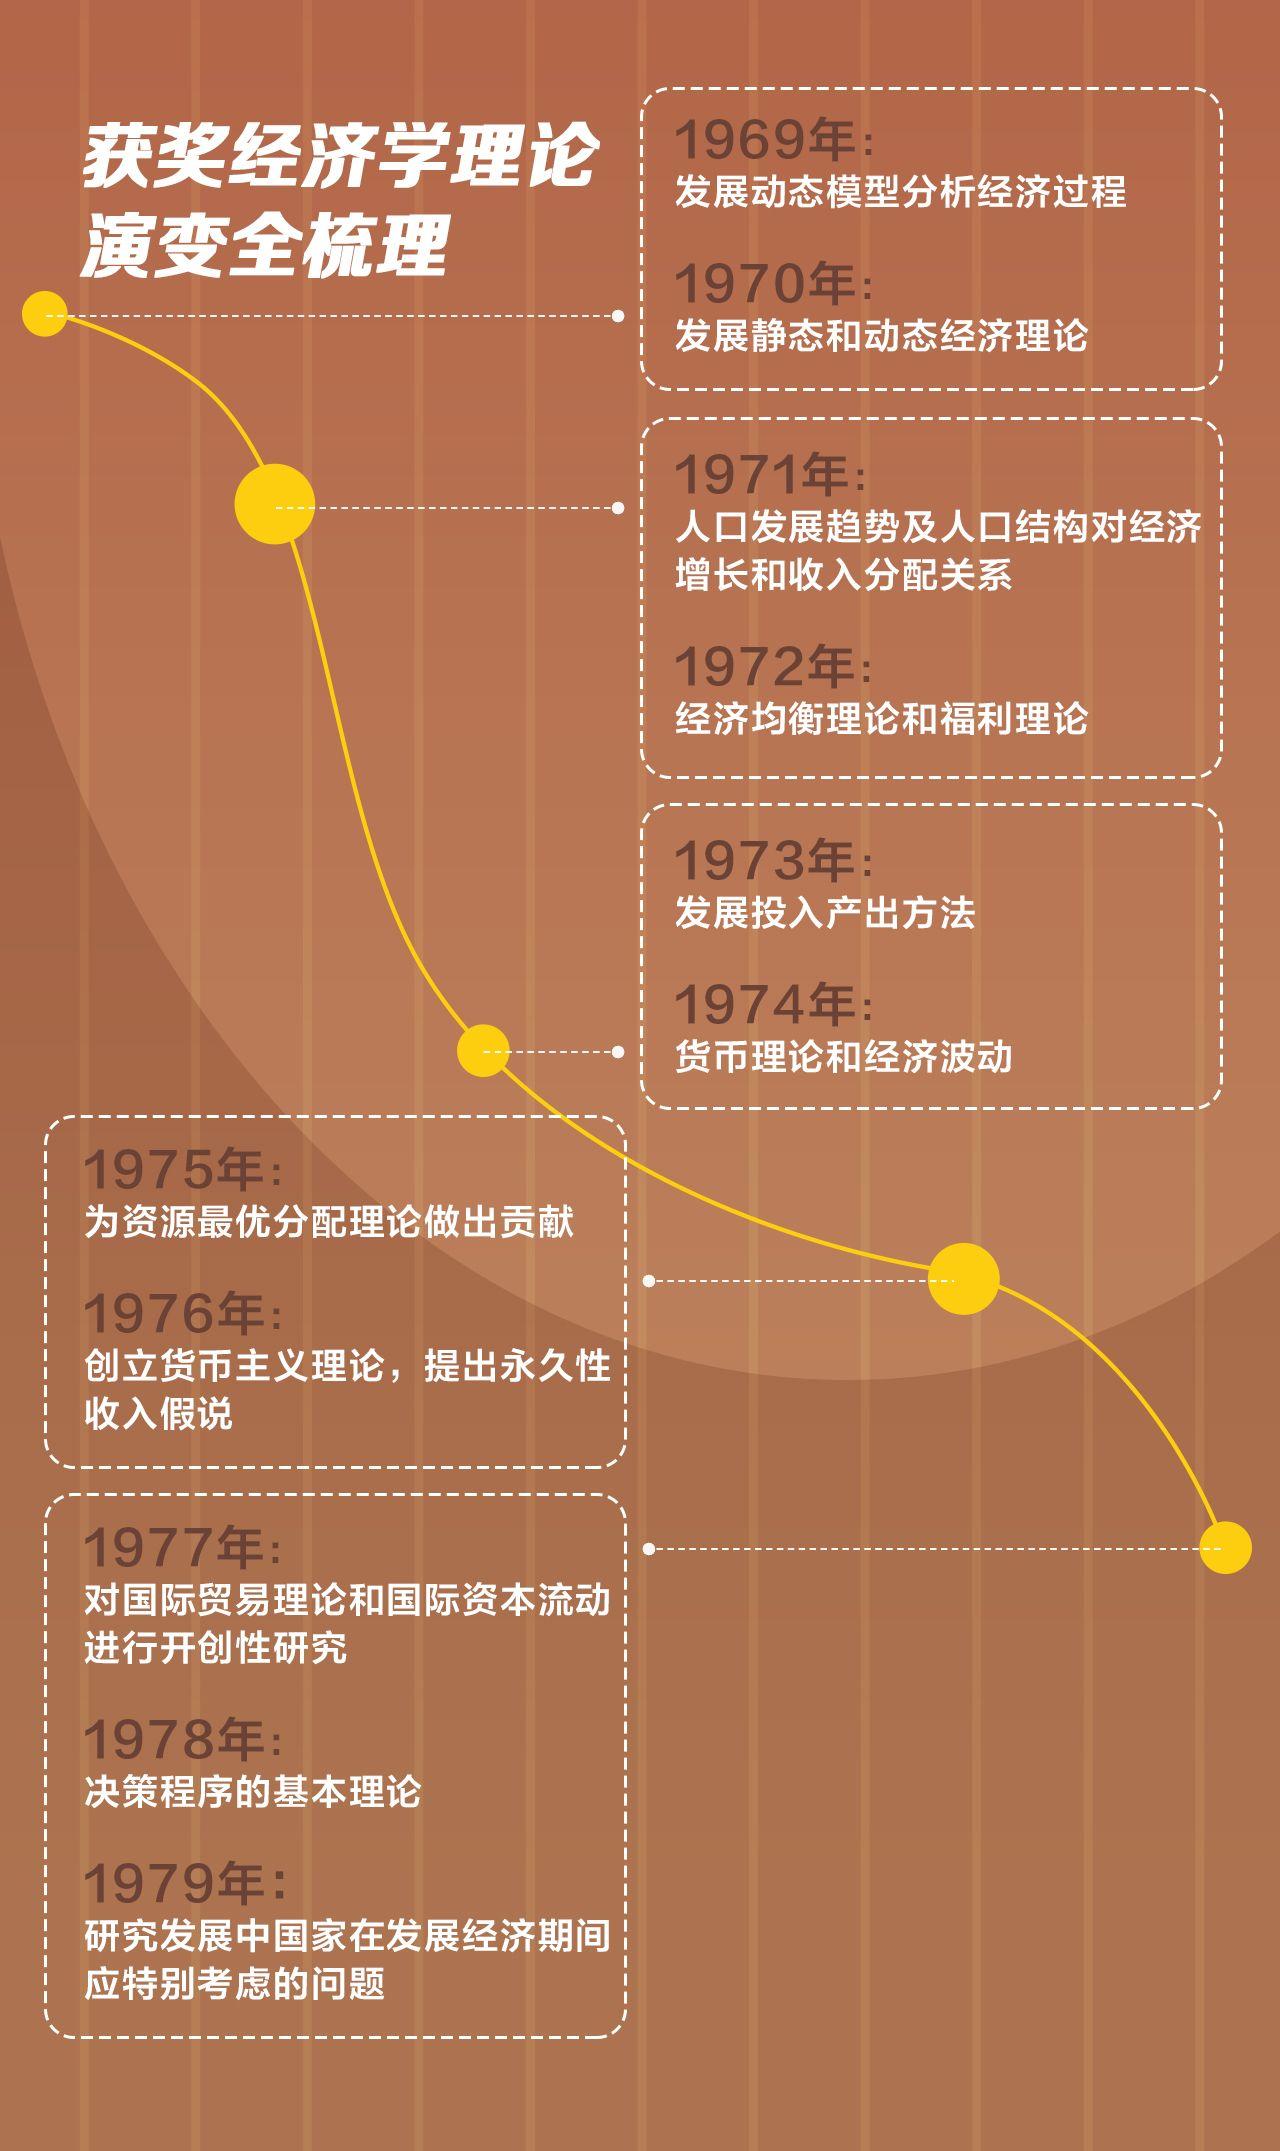 诺贝尔经济学奖53年89位获奖者背后: 96%获奖者来自高校而女性获奖者仅2.2%